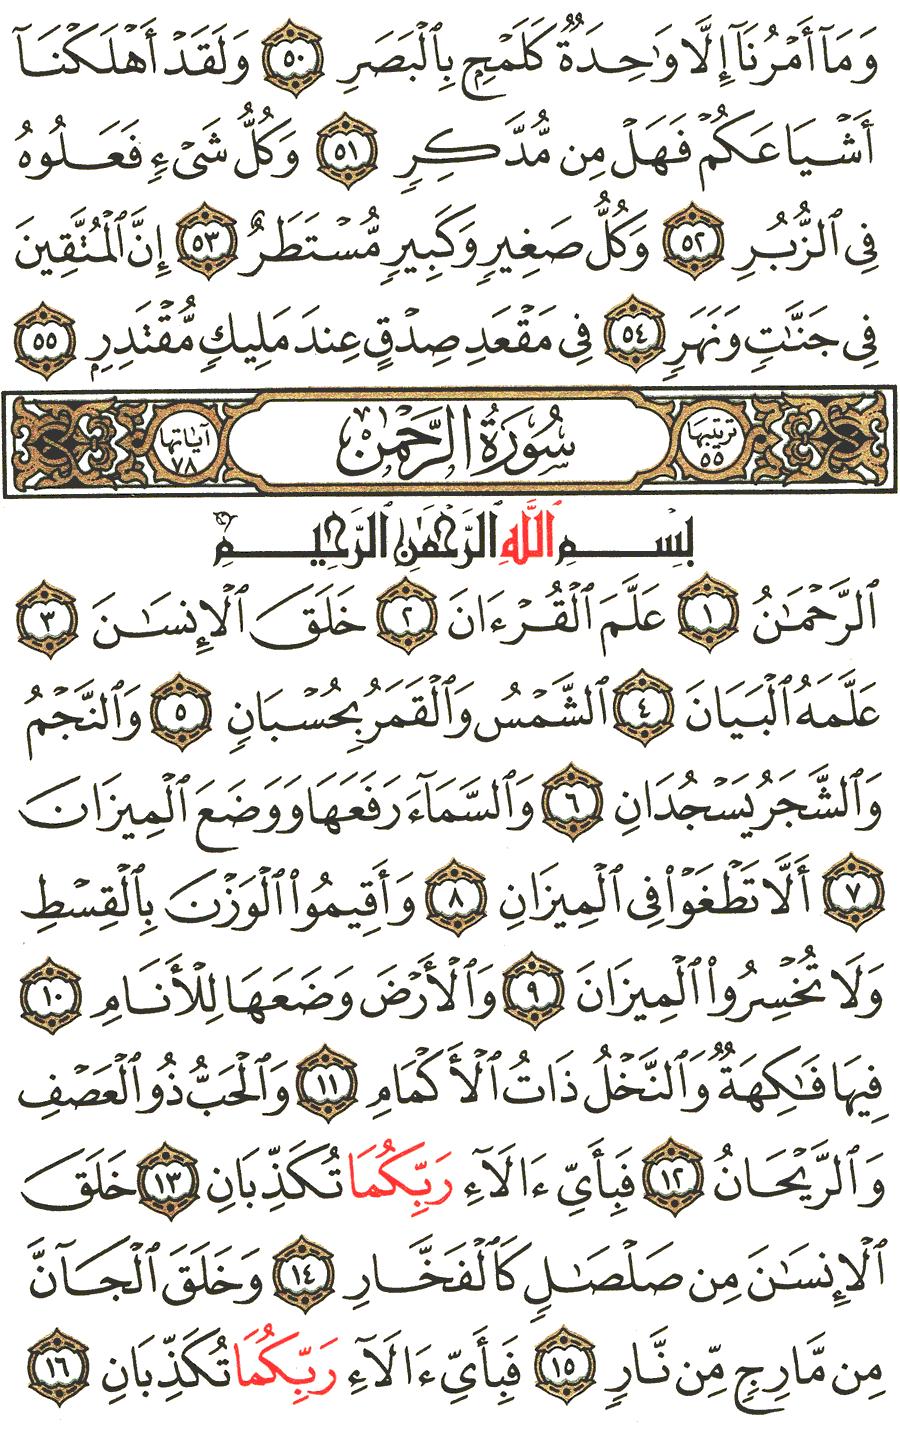 تفسير سورة الرحمن المختصر في التفسير